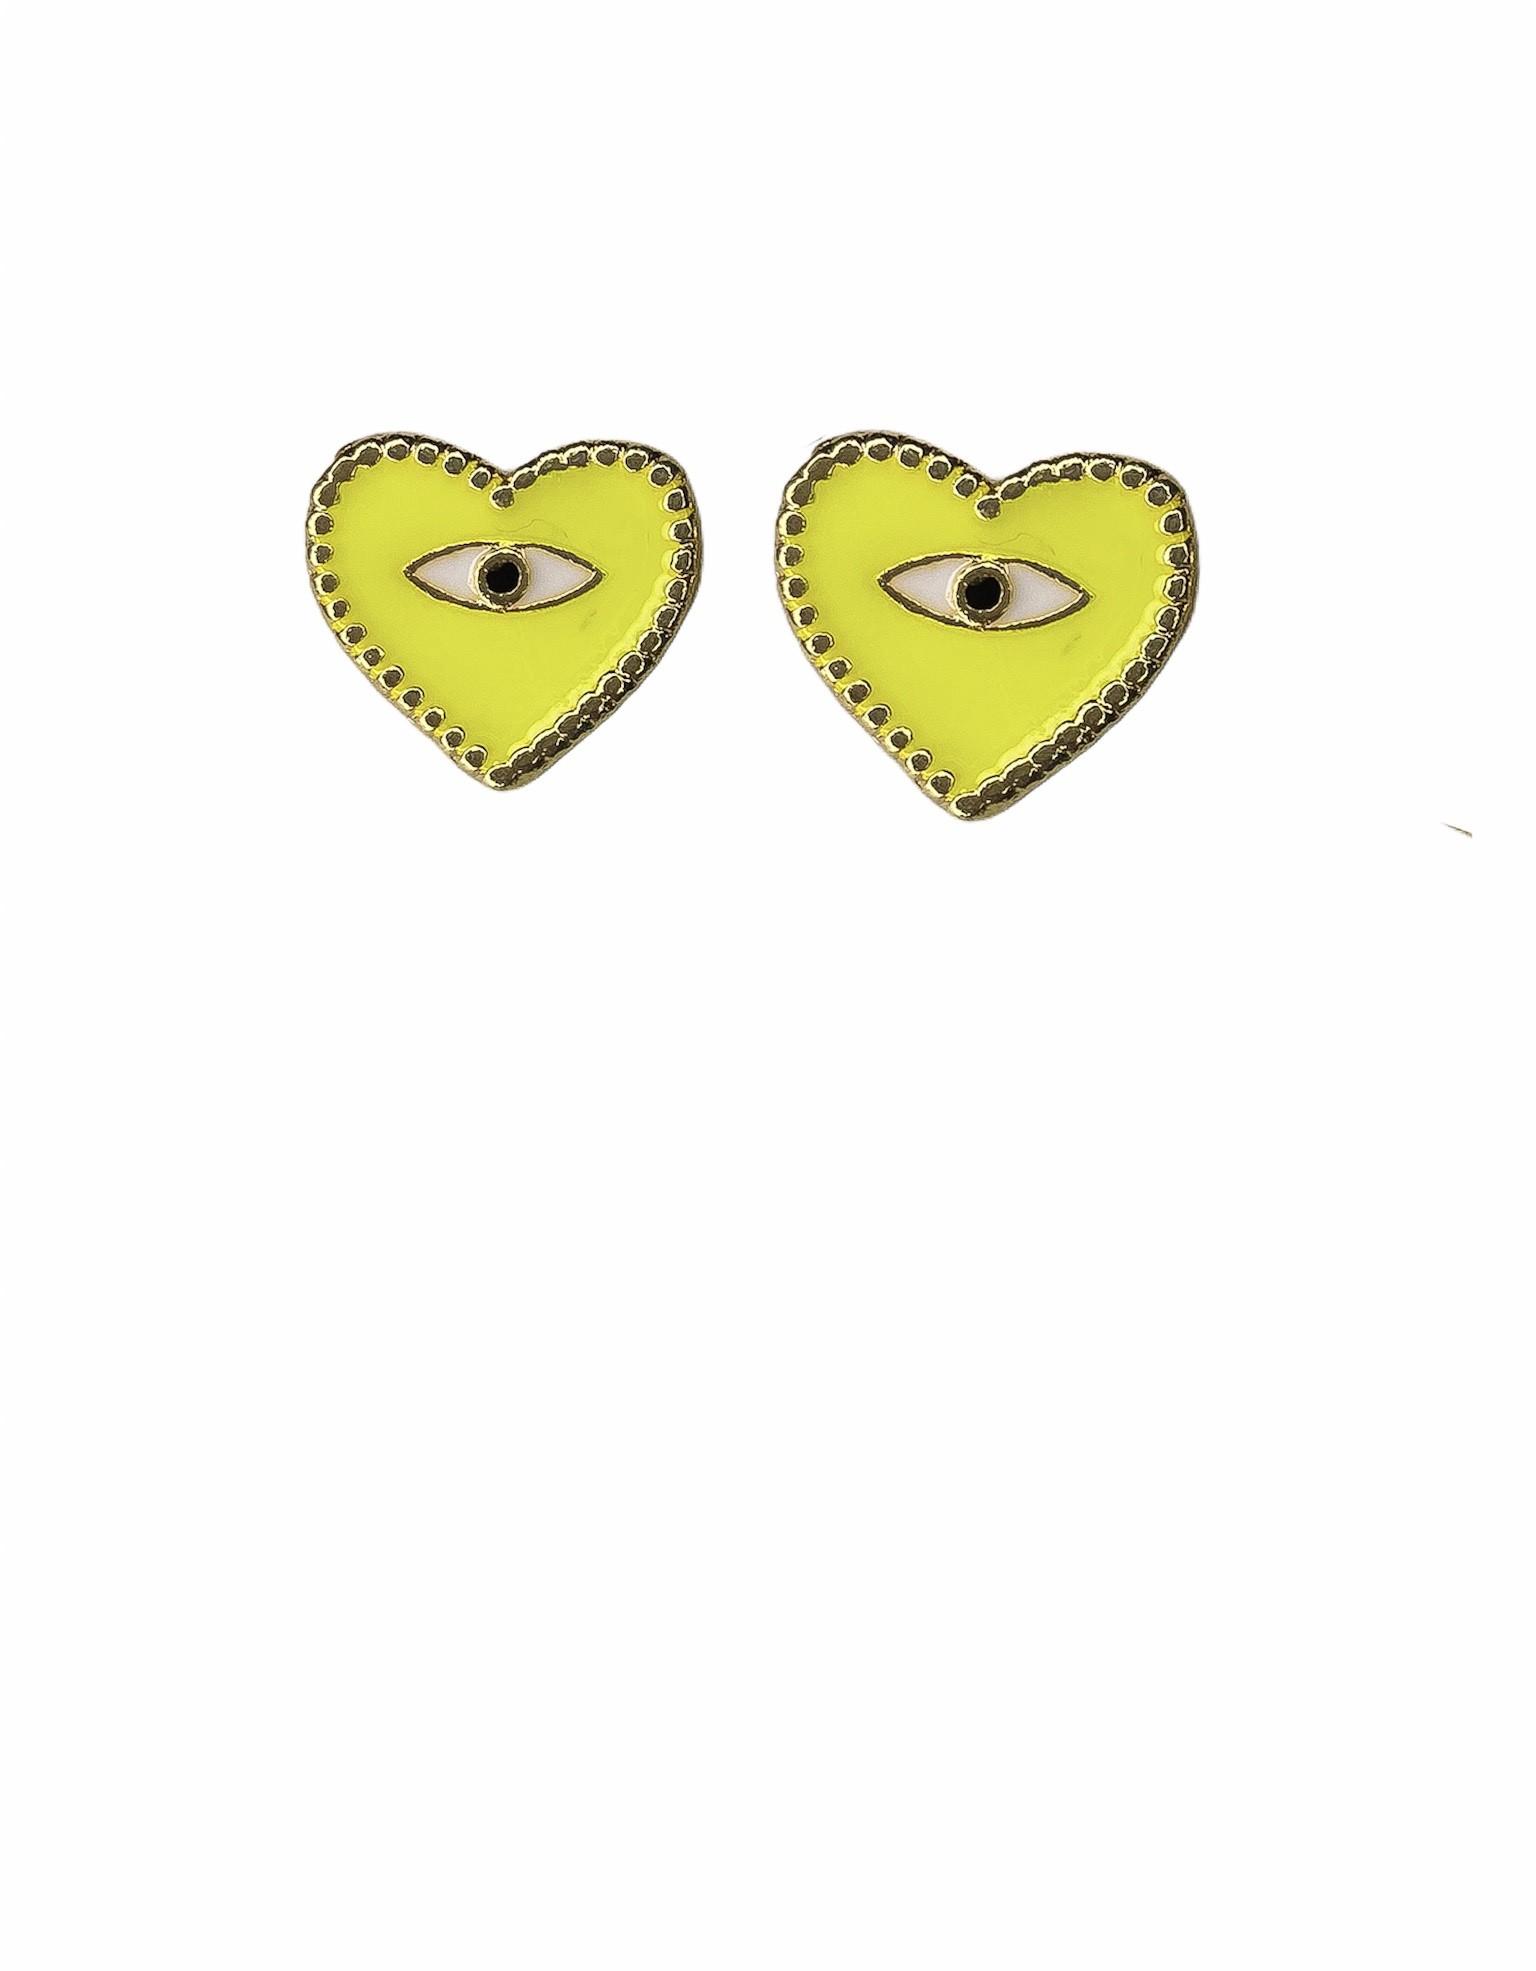 Brinco Coração Resinado / Olho grego verde neon - banho de ouro 18k